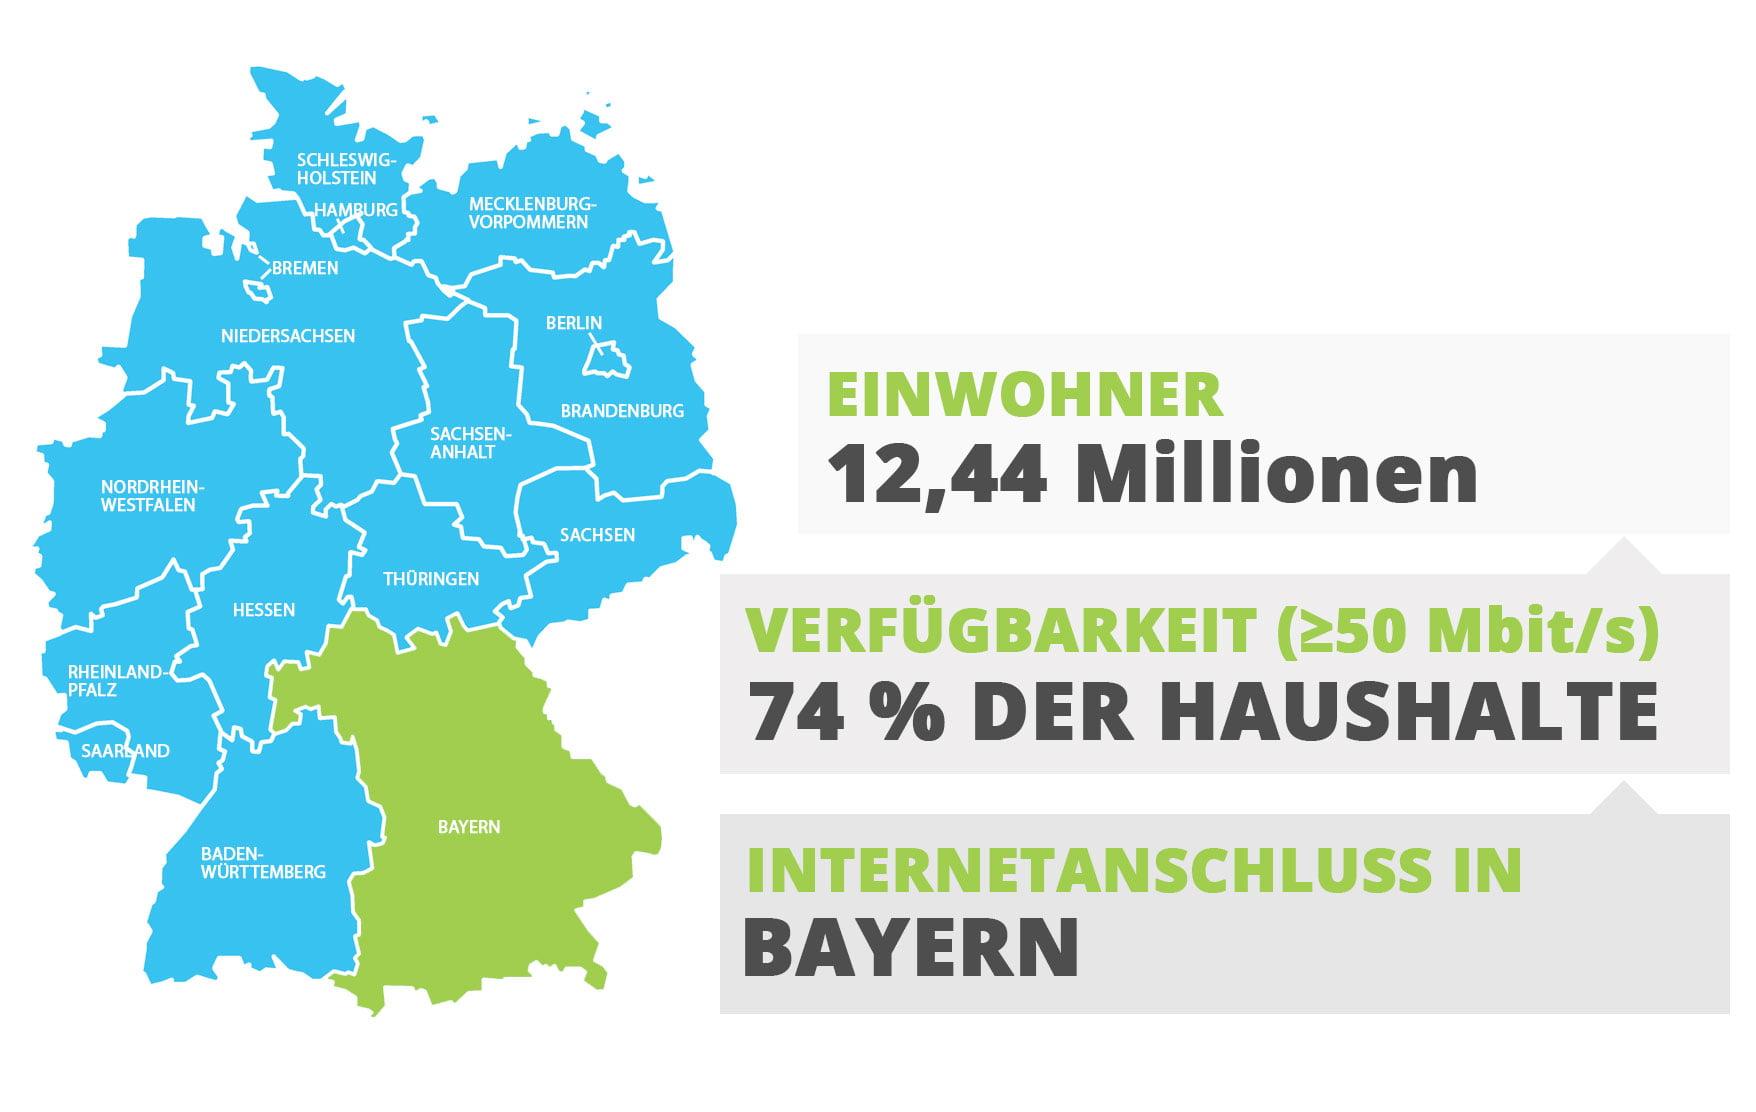 Internetanschluss in Bayern